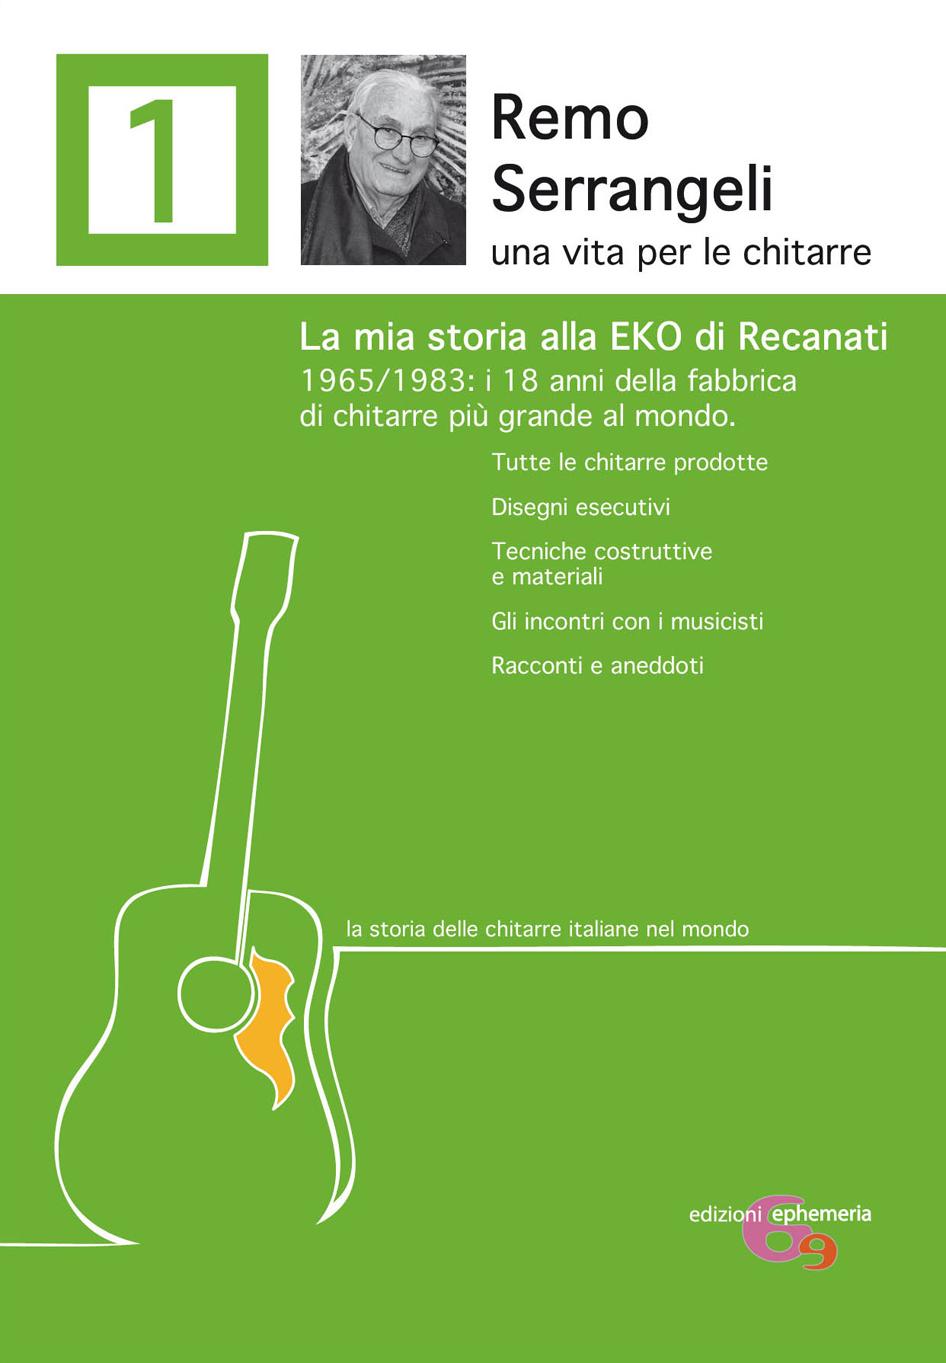 """""""Remo Serrangeli. La mia storia alla EKO di Recanati. 1965/1983"""" – Remo Serrangeli"""